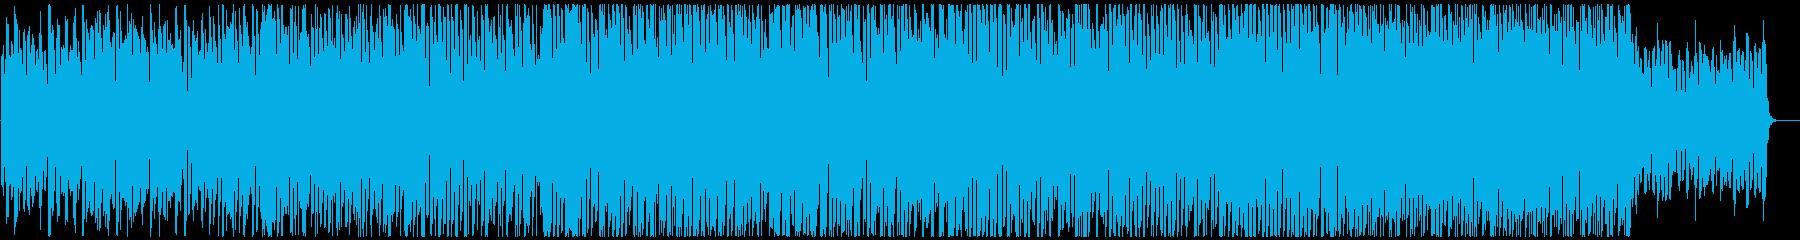 鐘ベル鈴で結婚式パーティ系明るいロックの再生済みの波形